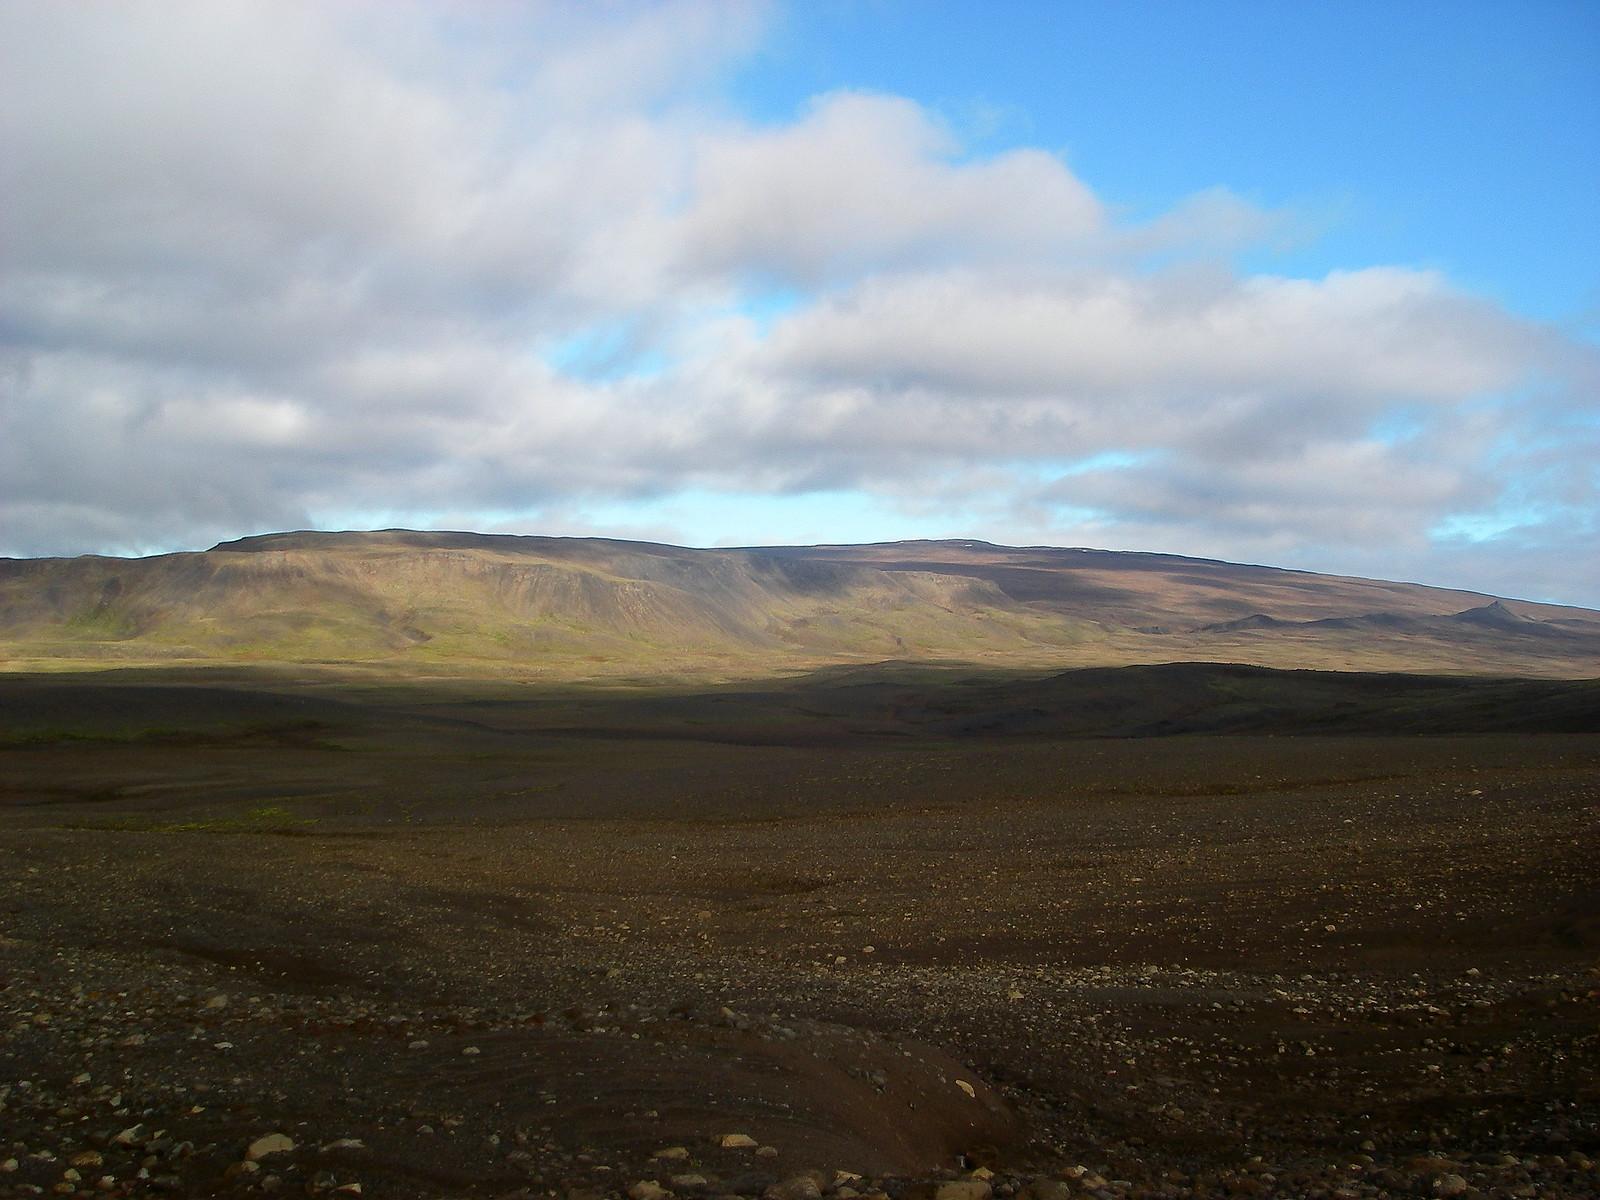 Okið lætur ekki mikið yfir sér frá þessu sjónarhorni - Lyklafell til vinstri, Bræðravirki til hægri.